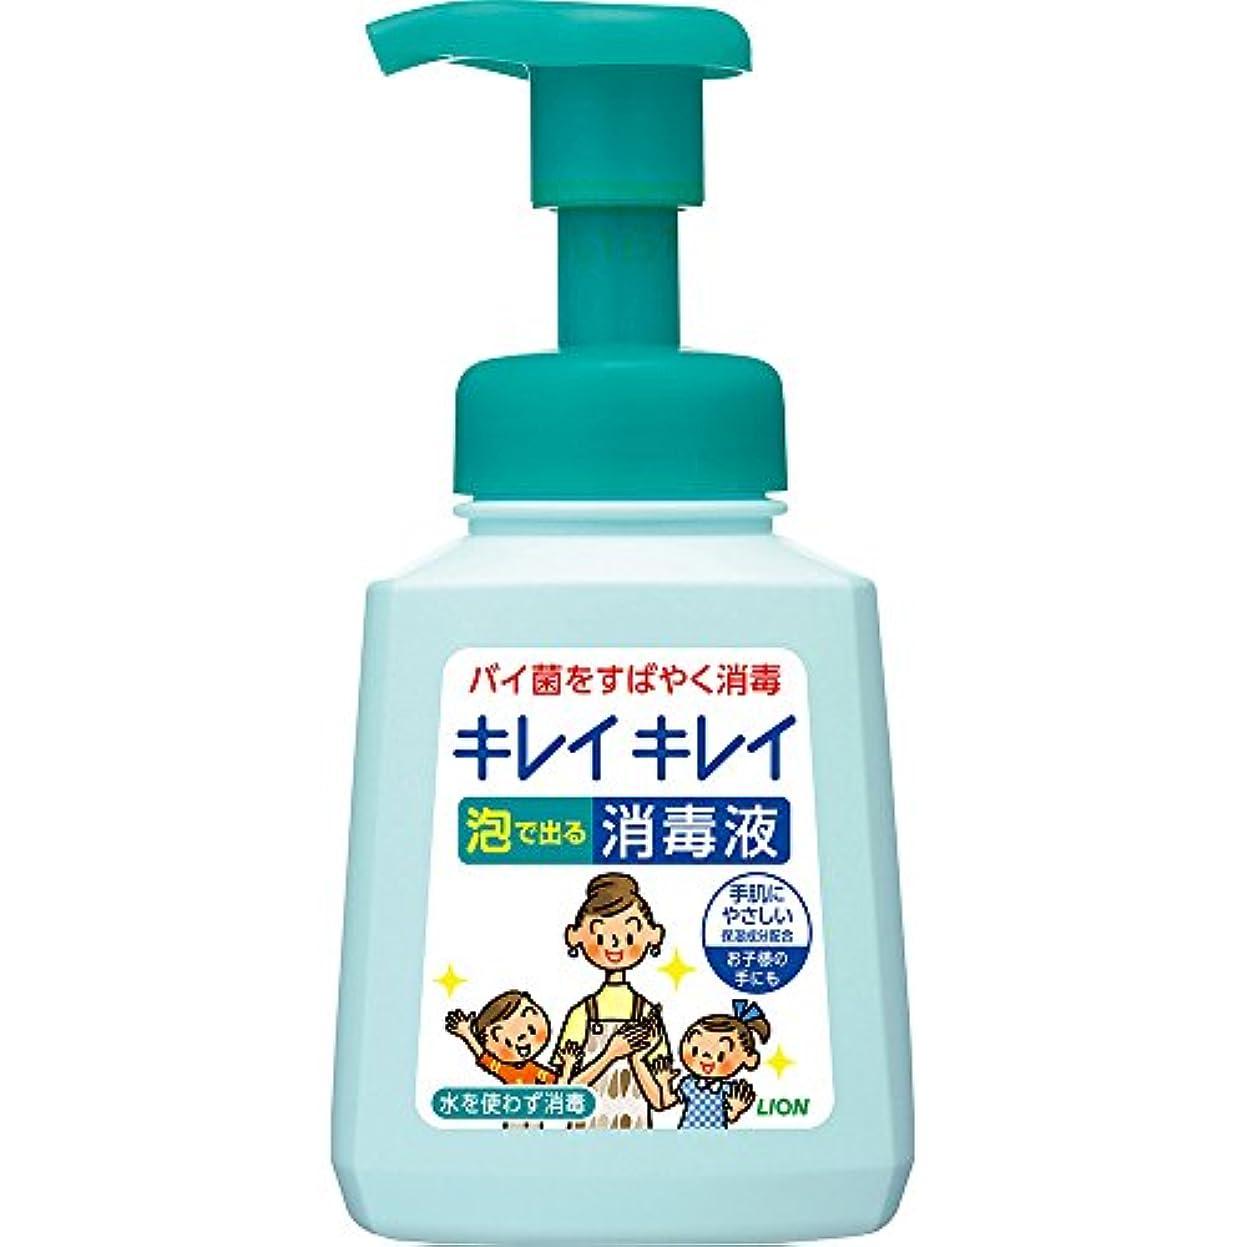 キレイキレイ 薬用 泡ででる消毒液 本体ポンプ 250ml(指定医薬部外品)